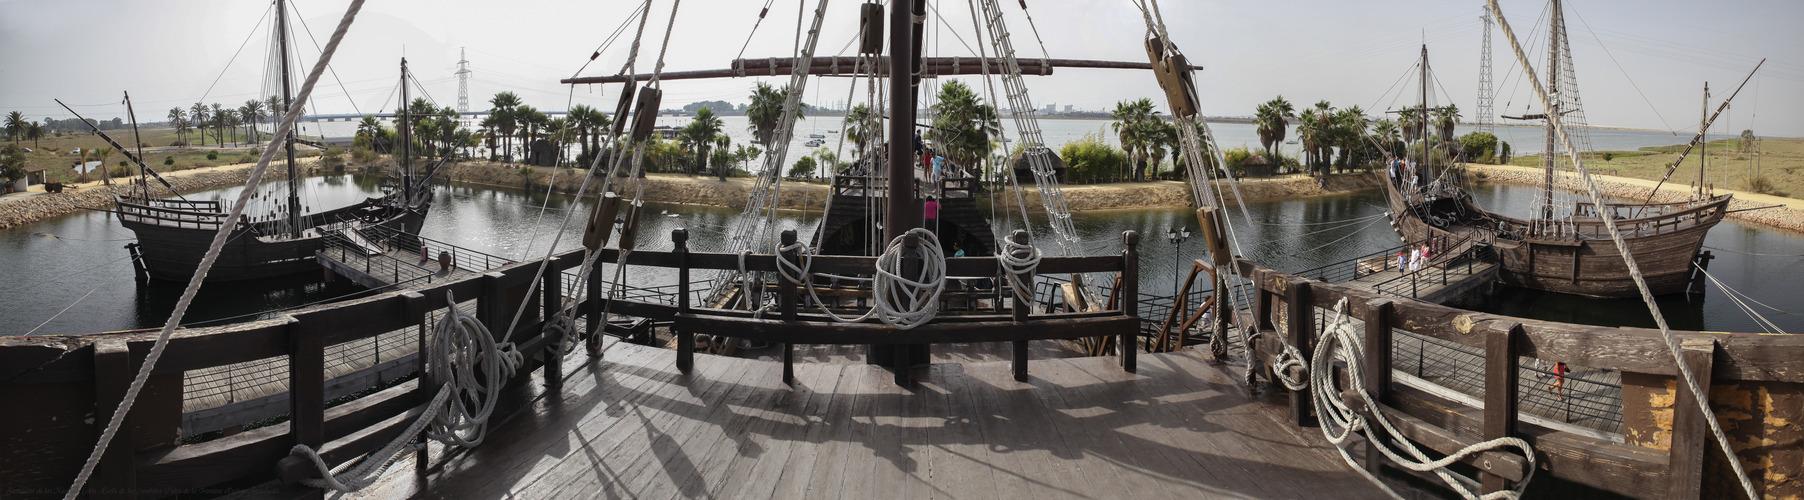 Recreación de las Naves de Colón Muelle de las Carabelas (Palos de la Frontera Huelva Andalucía)